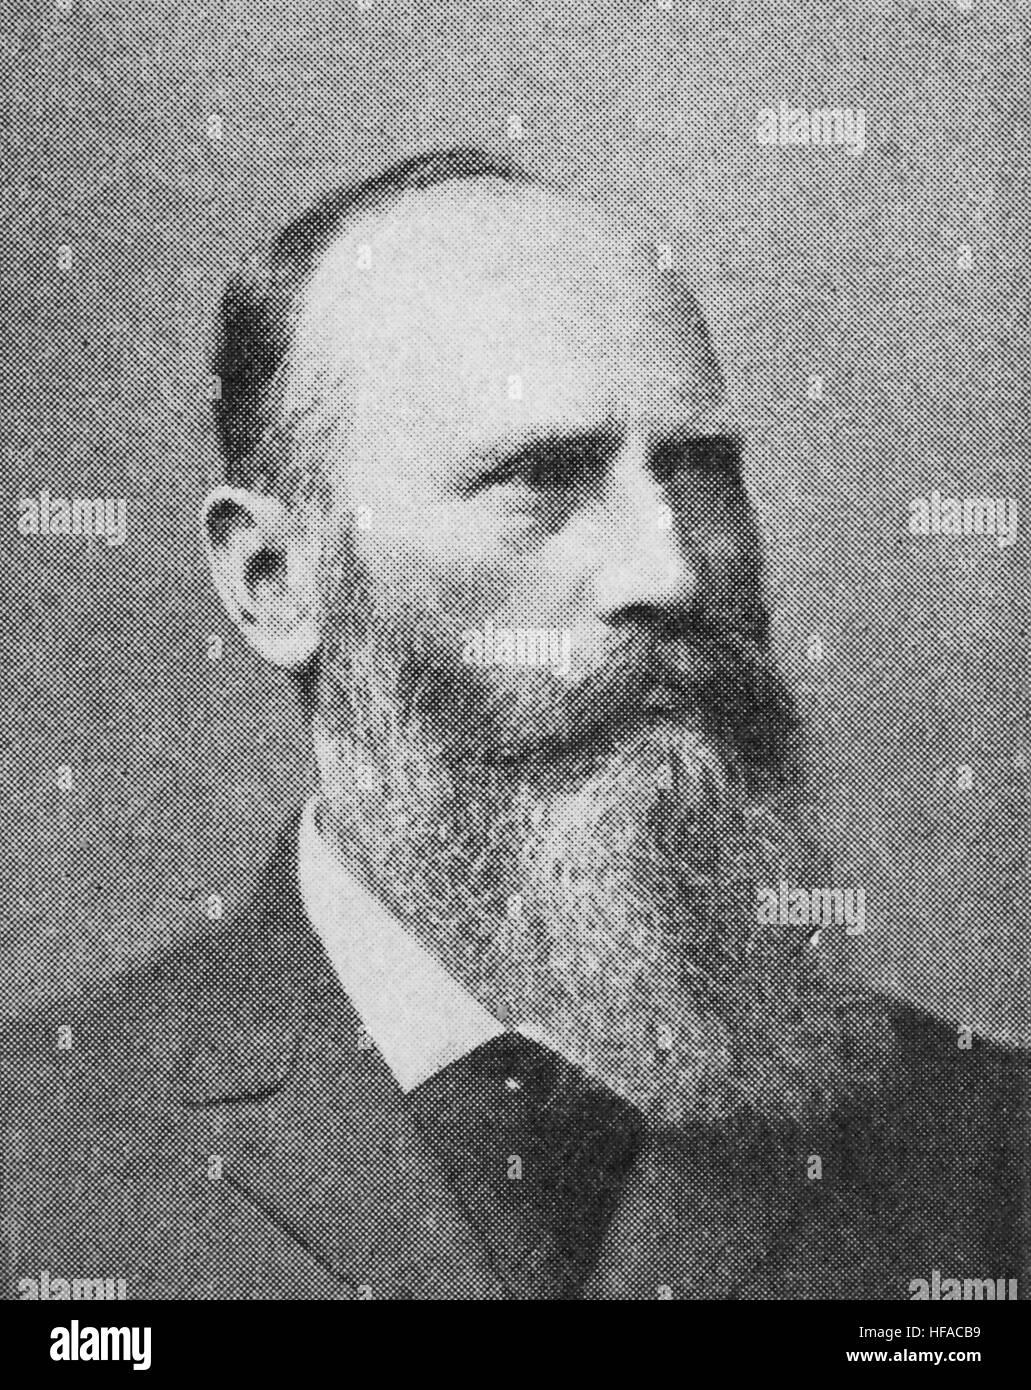 Heinrich Wilhelm Gottfried von Waldeyer-Hartz, 1836-1921, a German anatomist, famous for consolidating the neuron - Stock Image